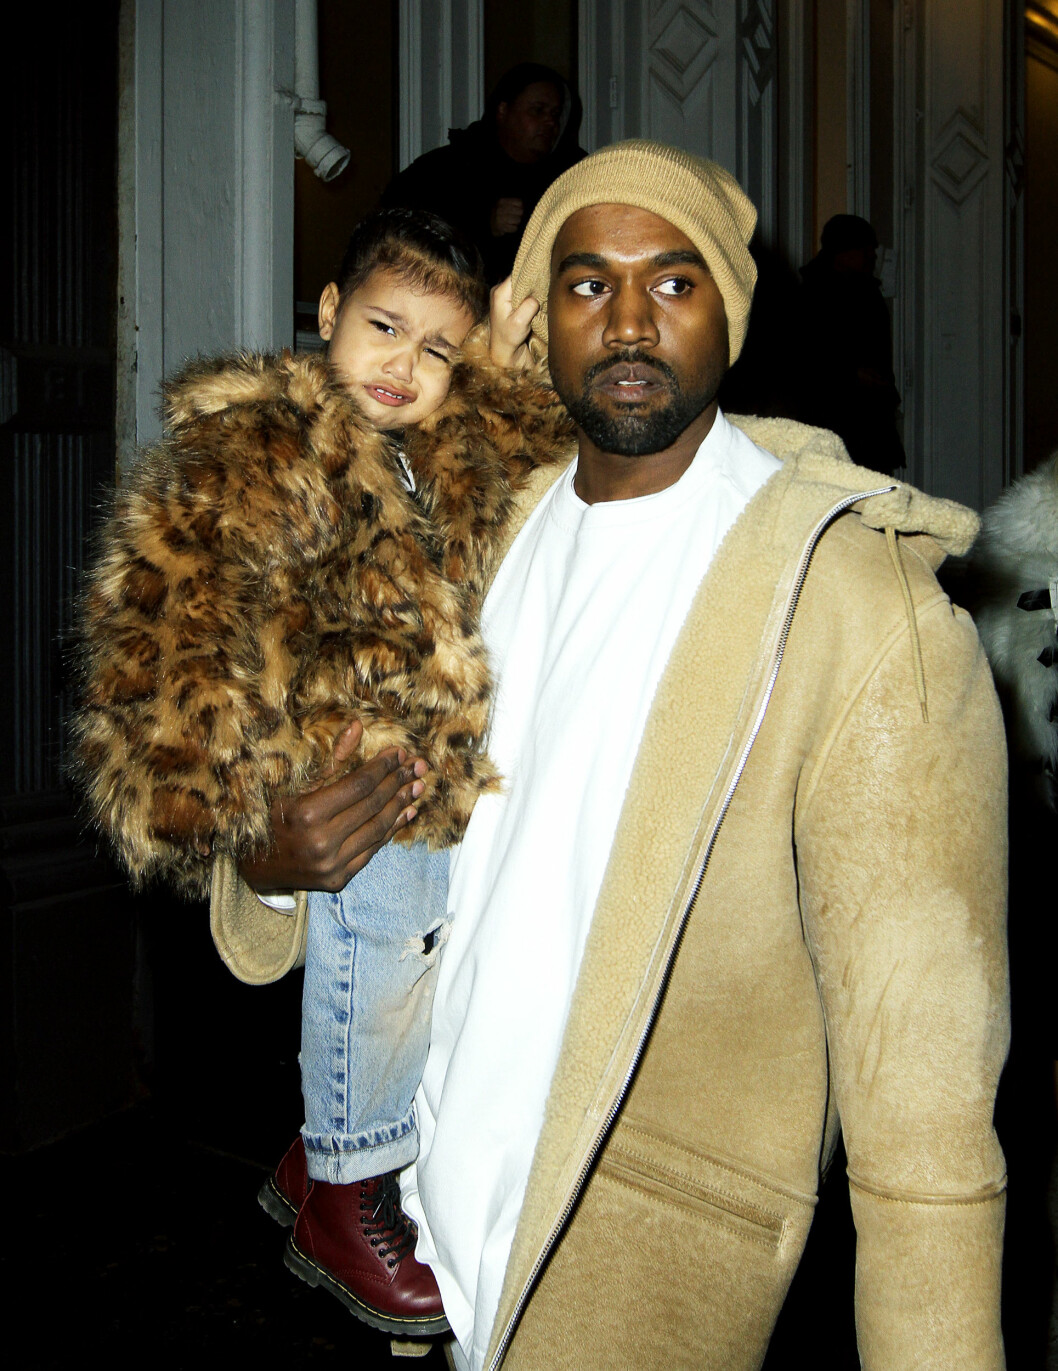 IKKE HELT BLID: Kanye West avbildet med datteren North på armen ute i New York i februar. Paret er blitt kritisert for å drive datteren sin for hardt.  Foto: Splash News